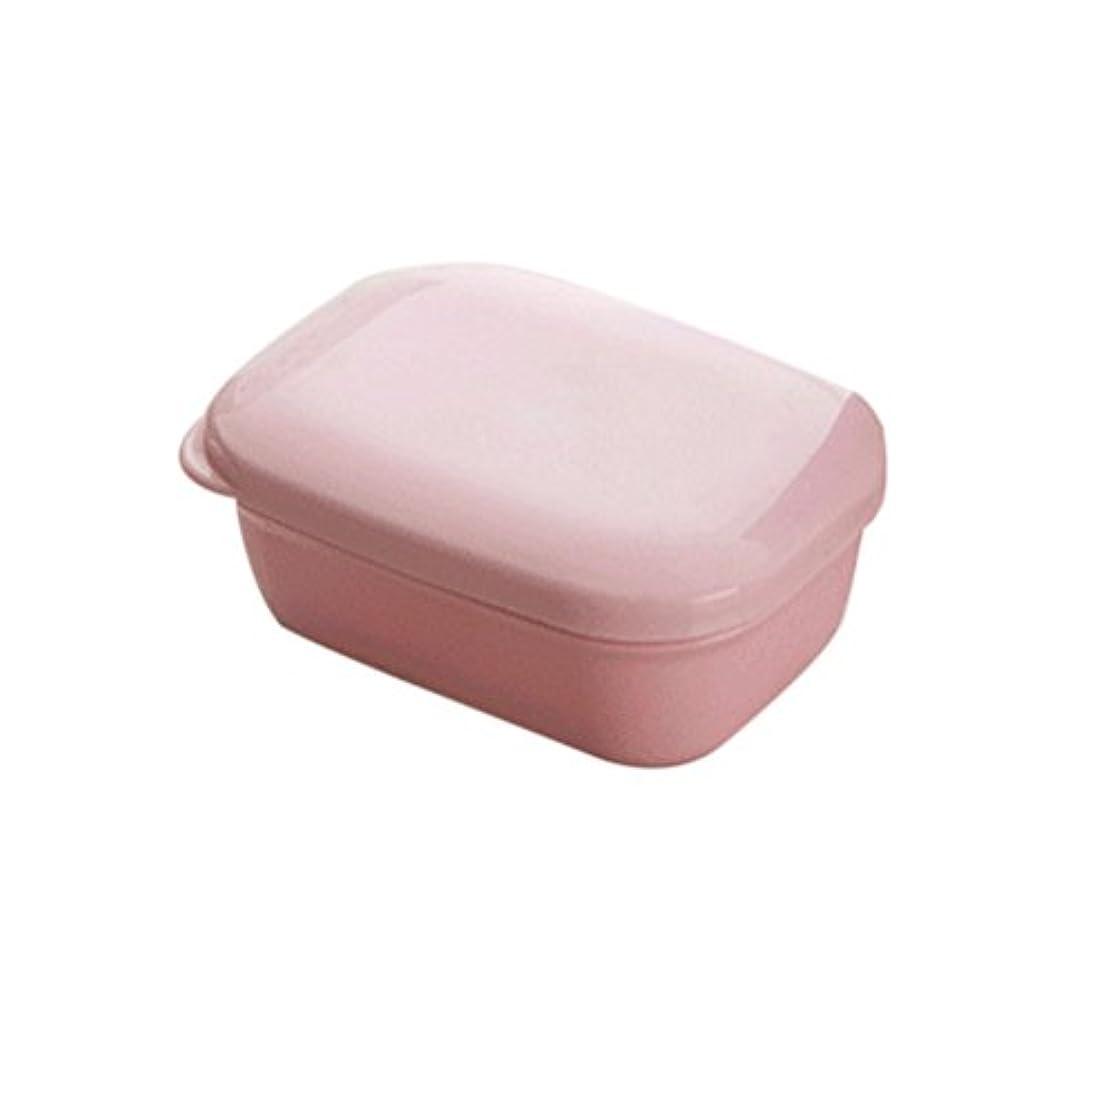 逆さまにベット独裁者BESTOMZ 石鹸ケース 石鹸置き ソープディッシュ 旅行用 携帯 ふた付け(ピンク)